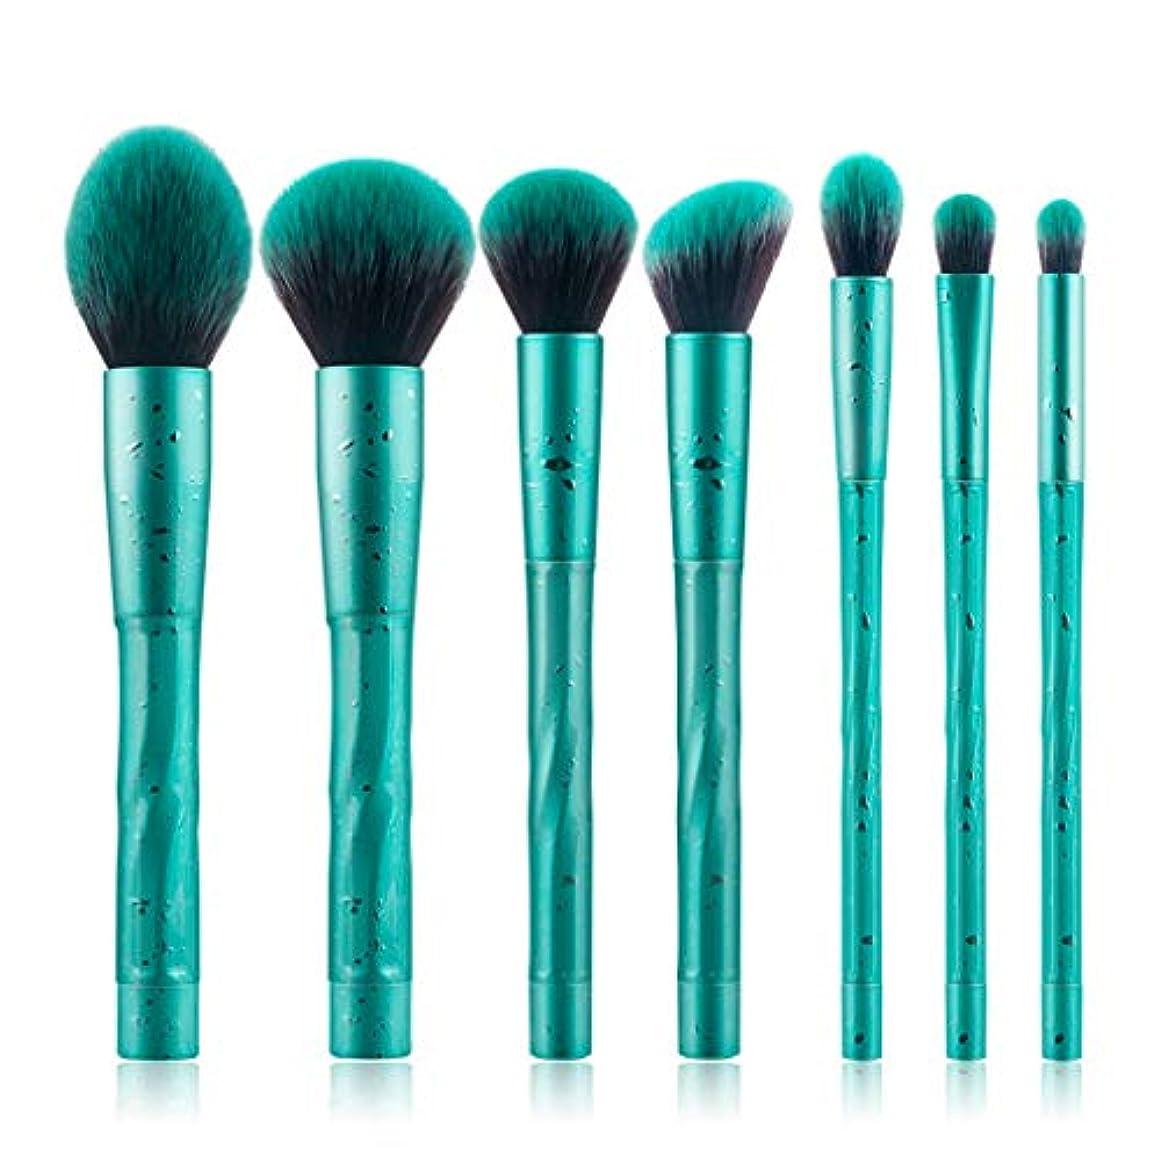 華氏玉ねぎのぞき穴5化粧ブラシアイシャドーブラッシュ美容ブラシ初心者セット